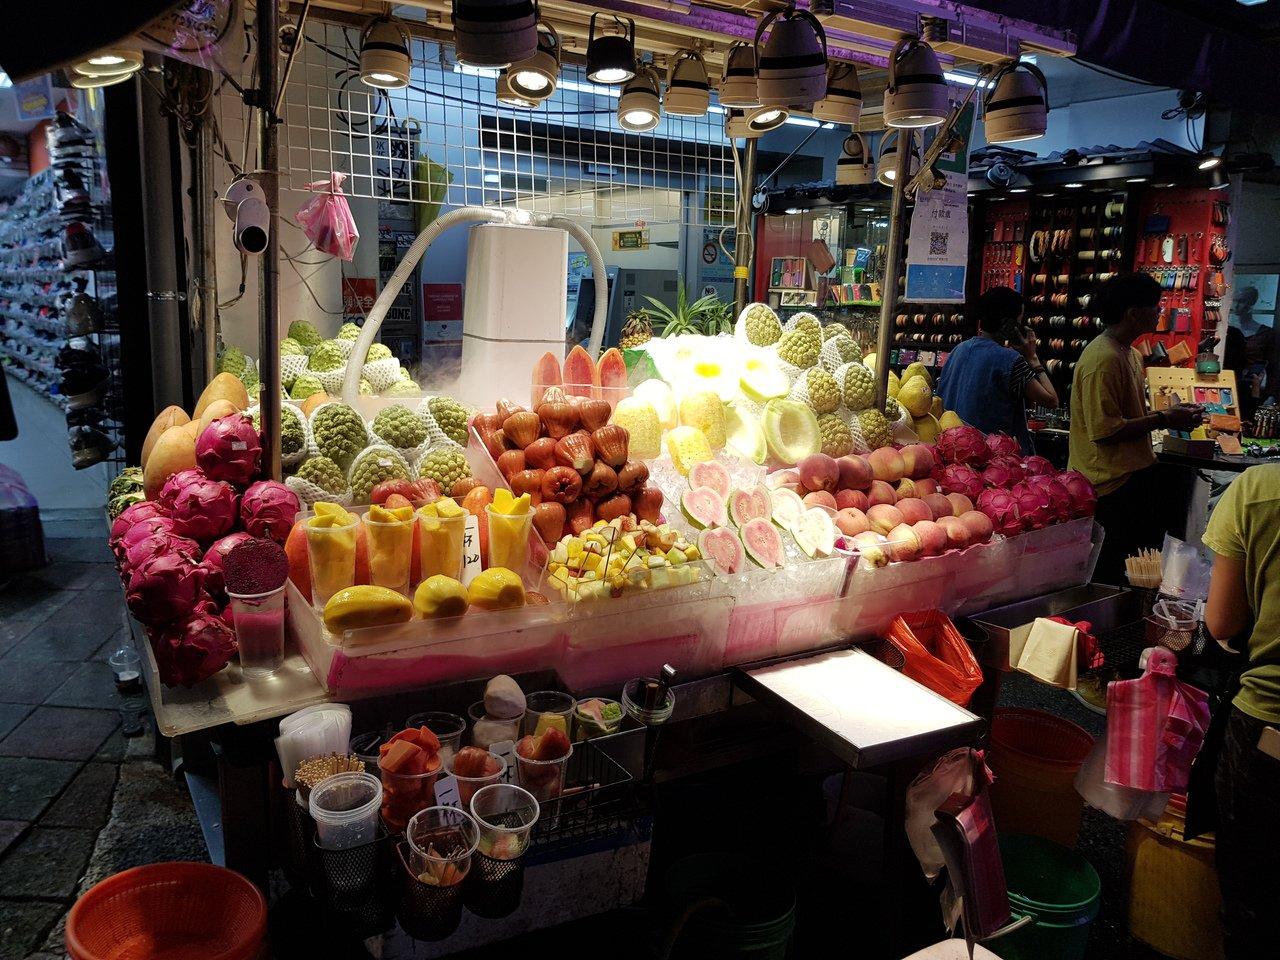 士林夜市水果攤又傳坑人價 市場處:已開罰